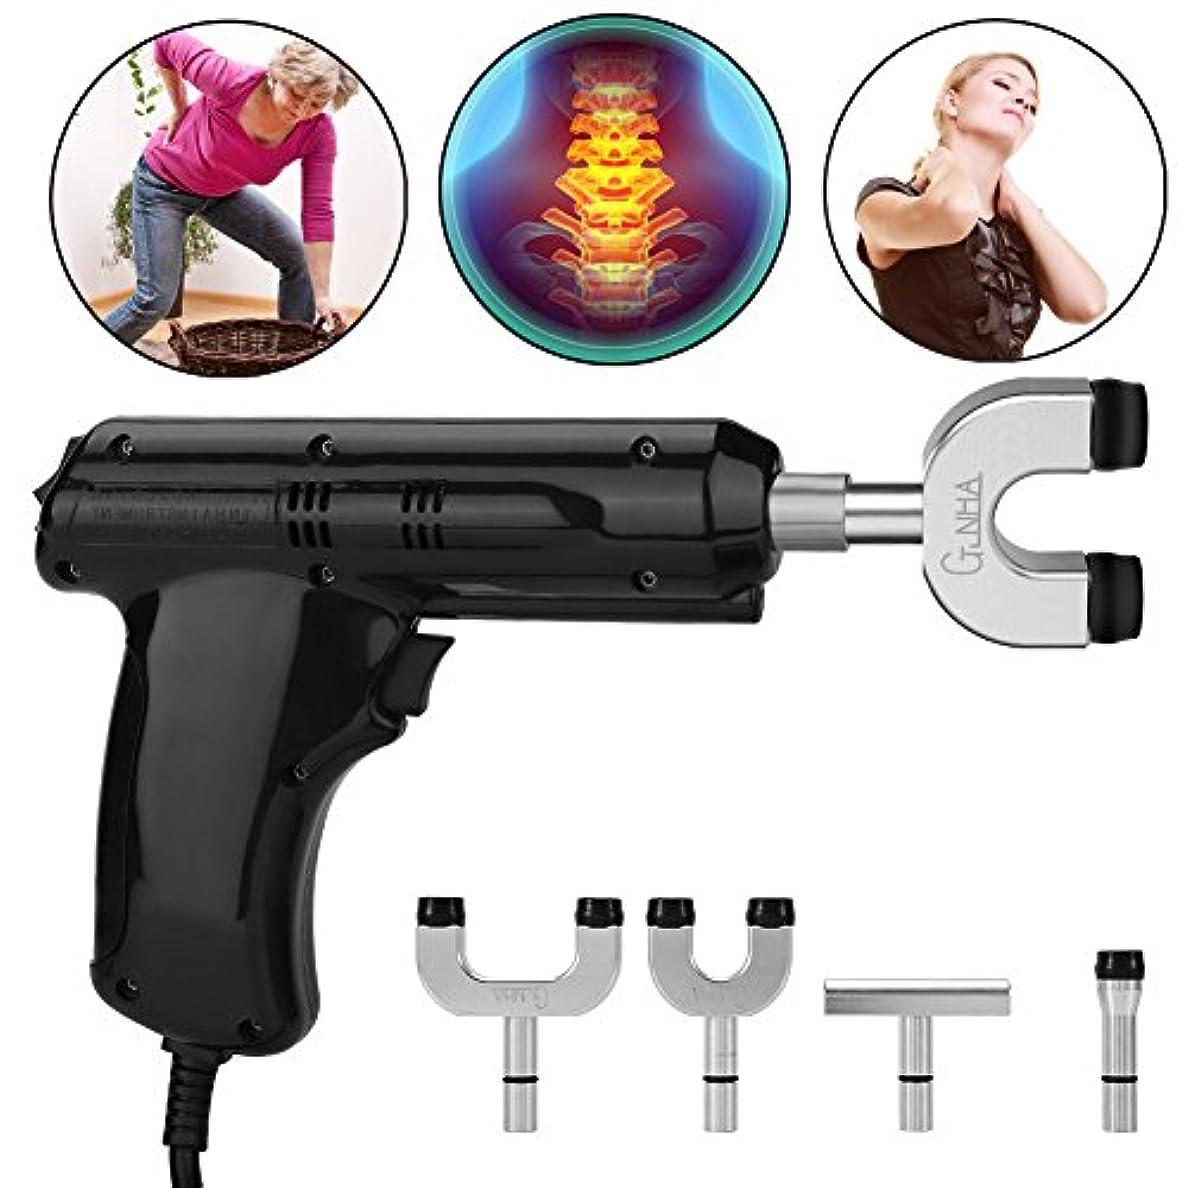 マートきらめく演じる電動カイロプラクター、カイロプラクター、背骨と胸郭を調整するための身体緩和ツール、黒